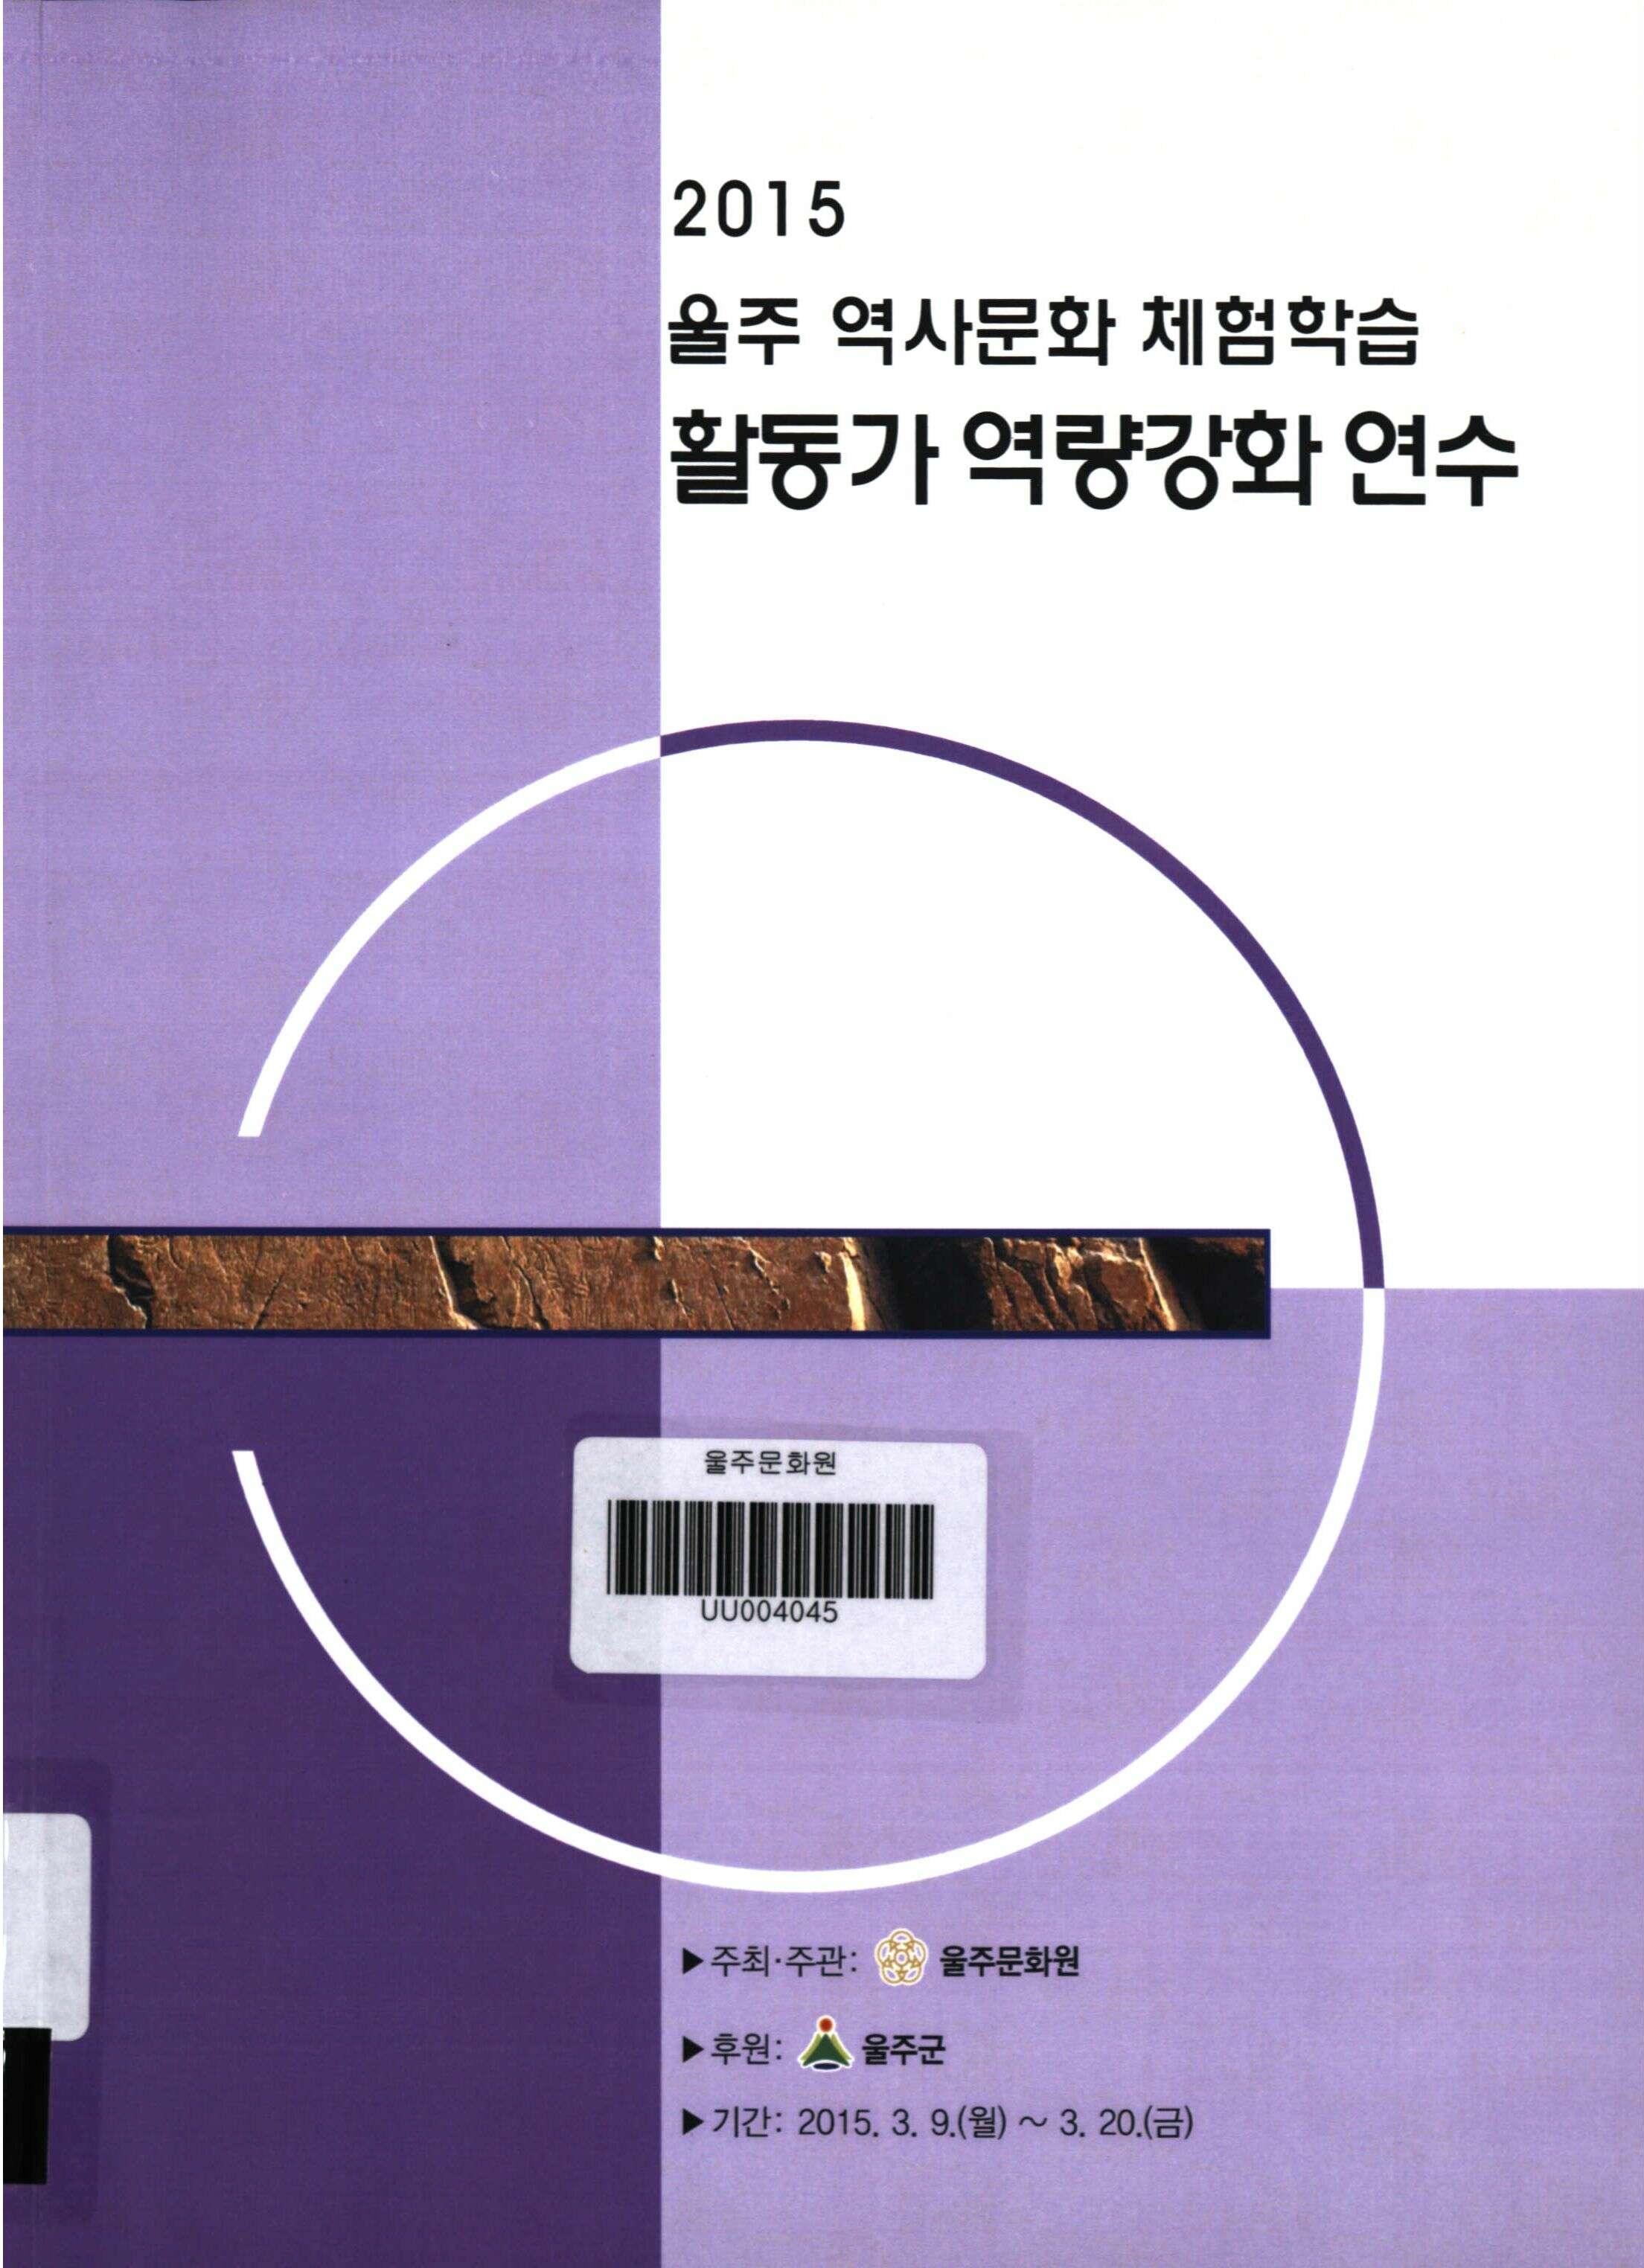 (2015 울주 역사문화 체험학습) 활동가 역량강화 연수